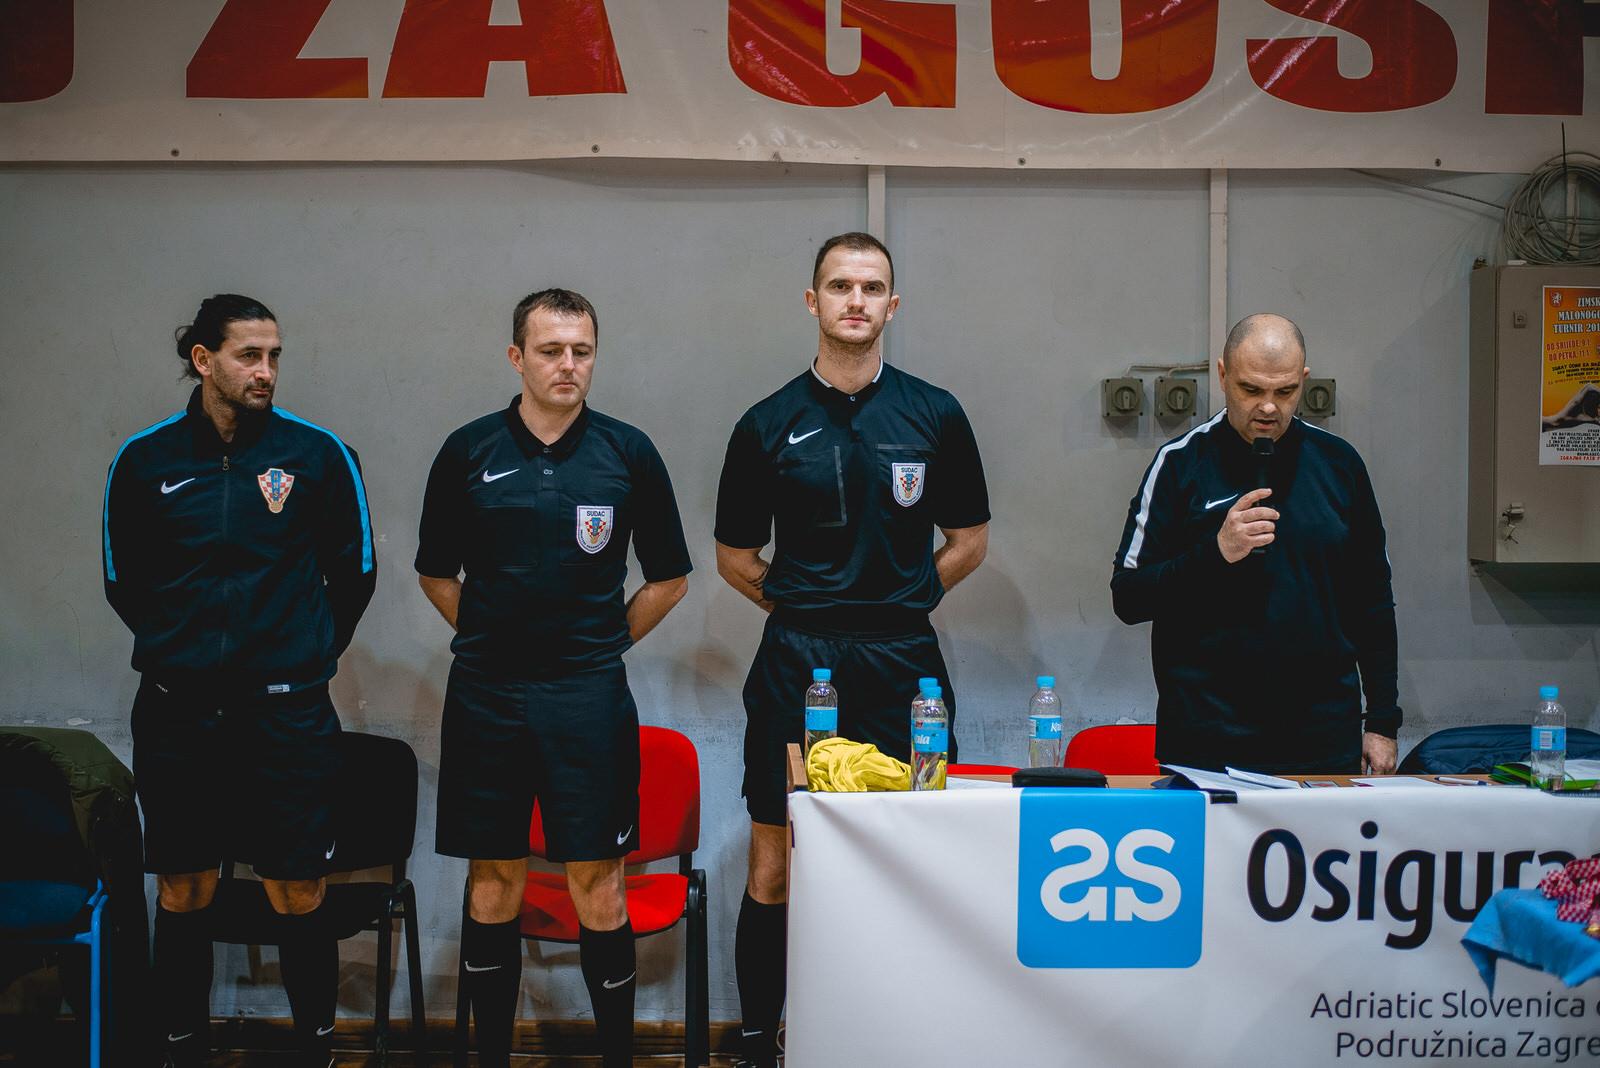 likaclub_gospić_zimski-malonogometni-turnir-2018-19-81